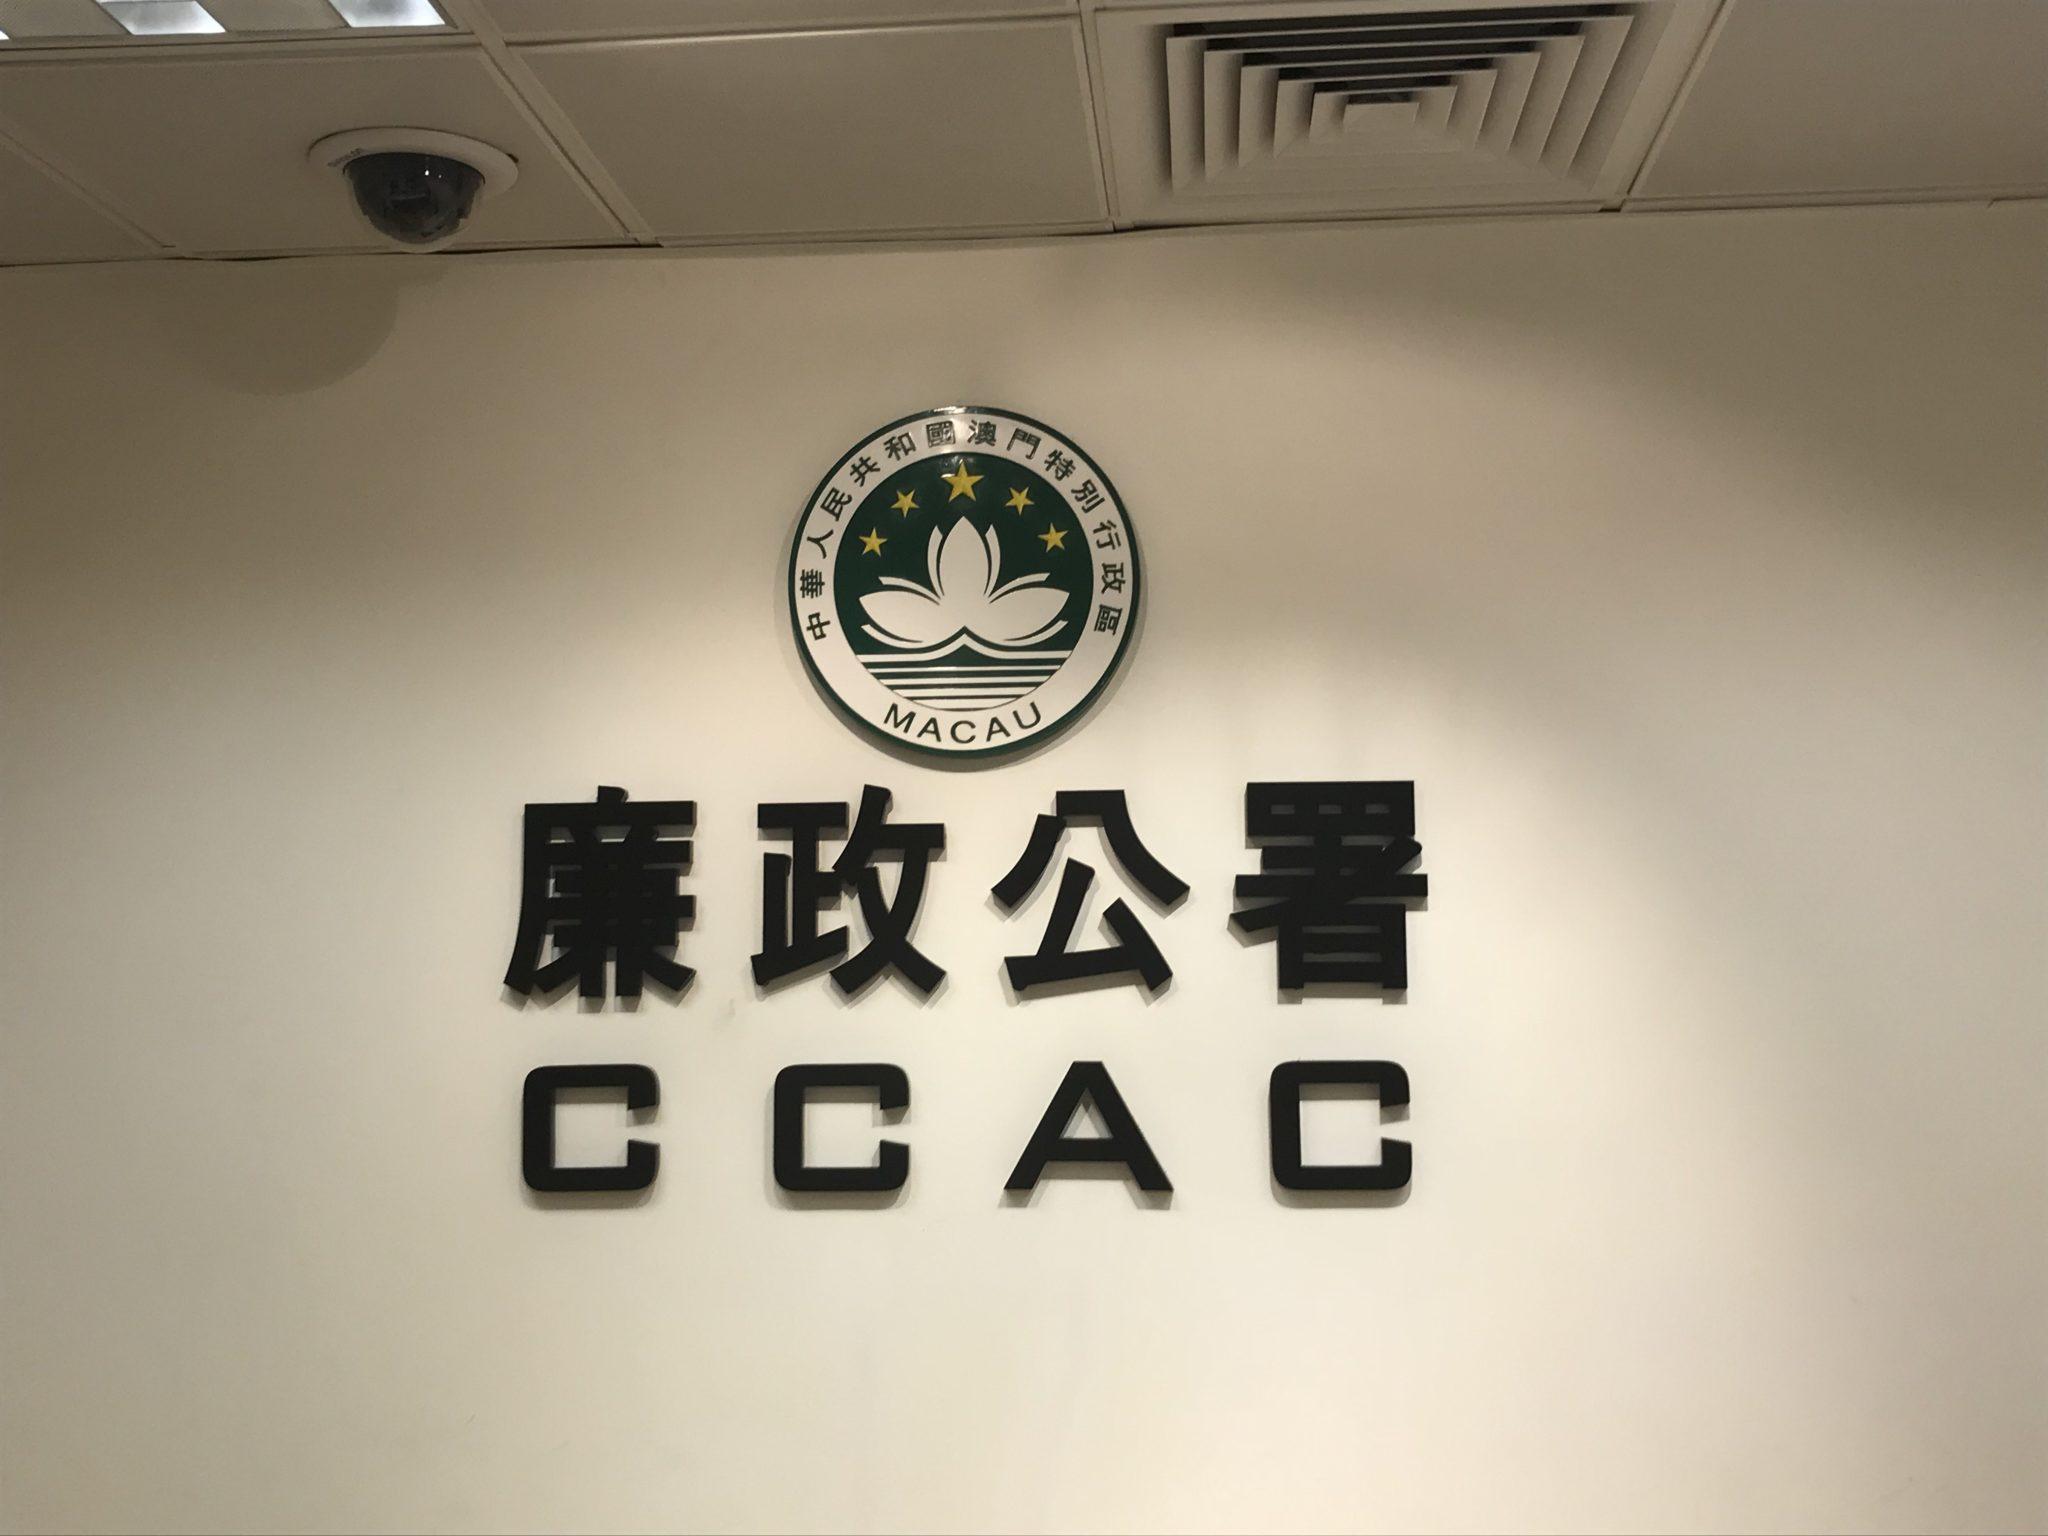 CCAC | Gestão de casinos e hotéis motiva mais queixas